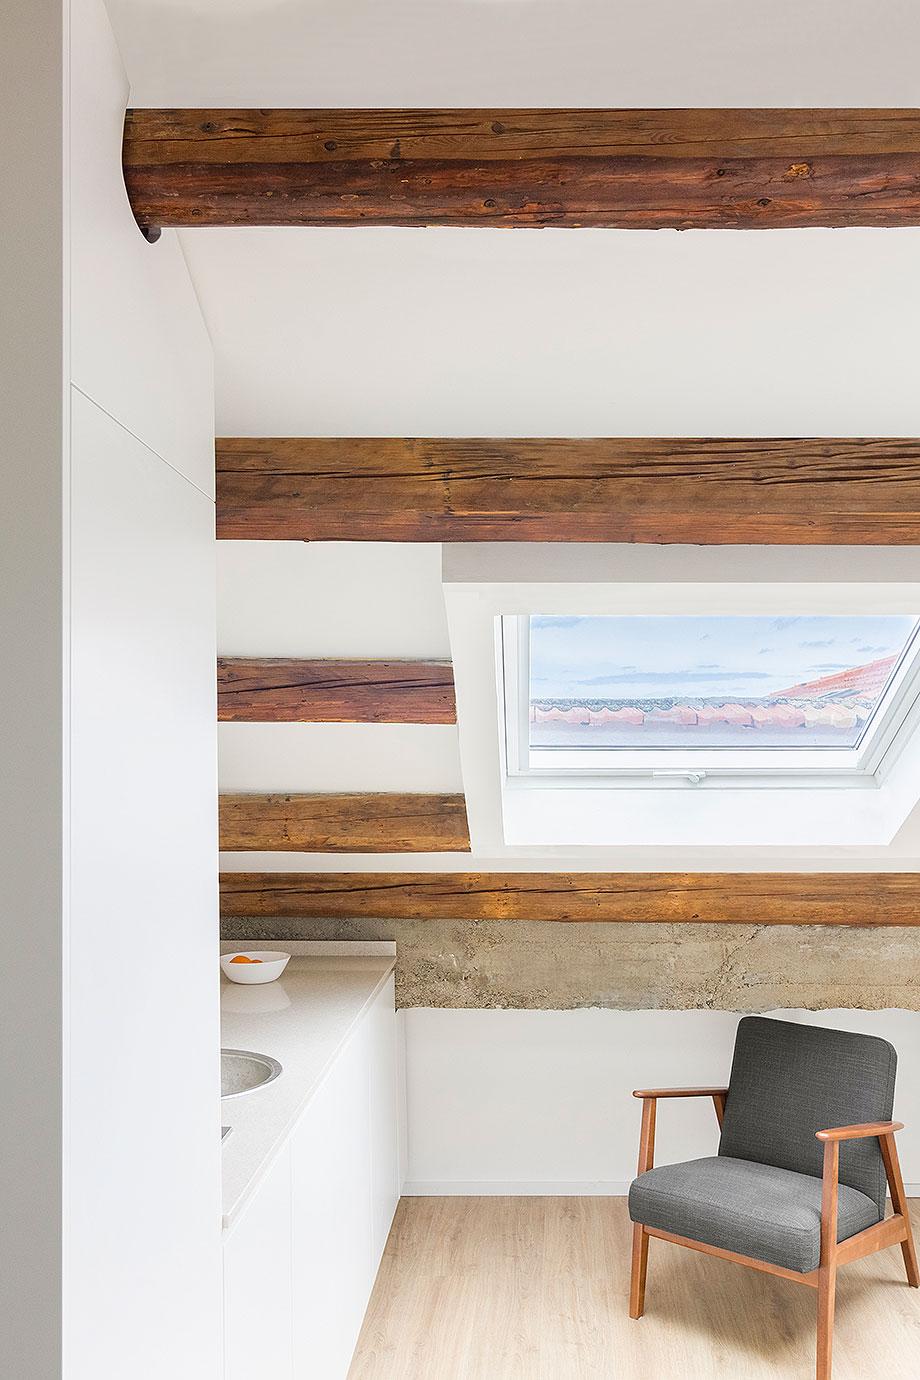 reforma de un ático en palermo por la leta architettura (13) - foto marco zanca